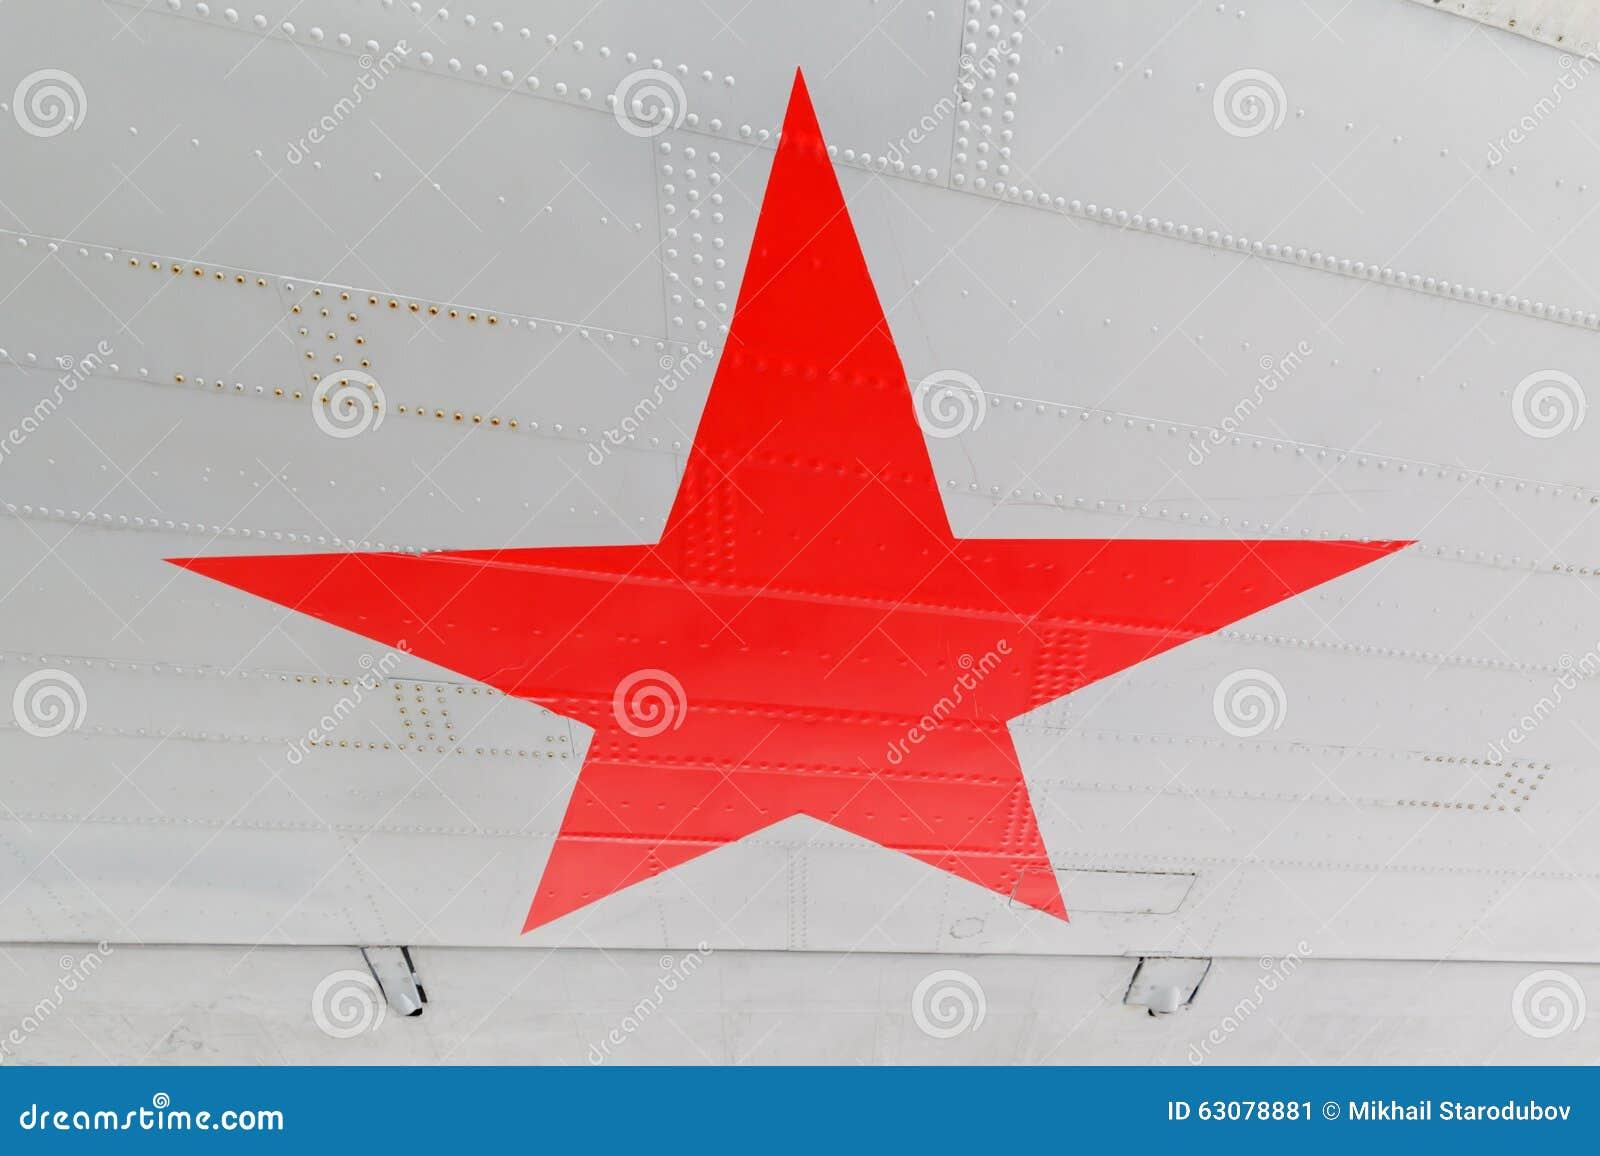 Download Tenez Le Premier Rôle, Le Symbole De L'Armée De L'Air Russe Sur Des Avions Image stock - Image du nuages, avion: 63078881